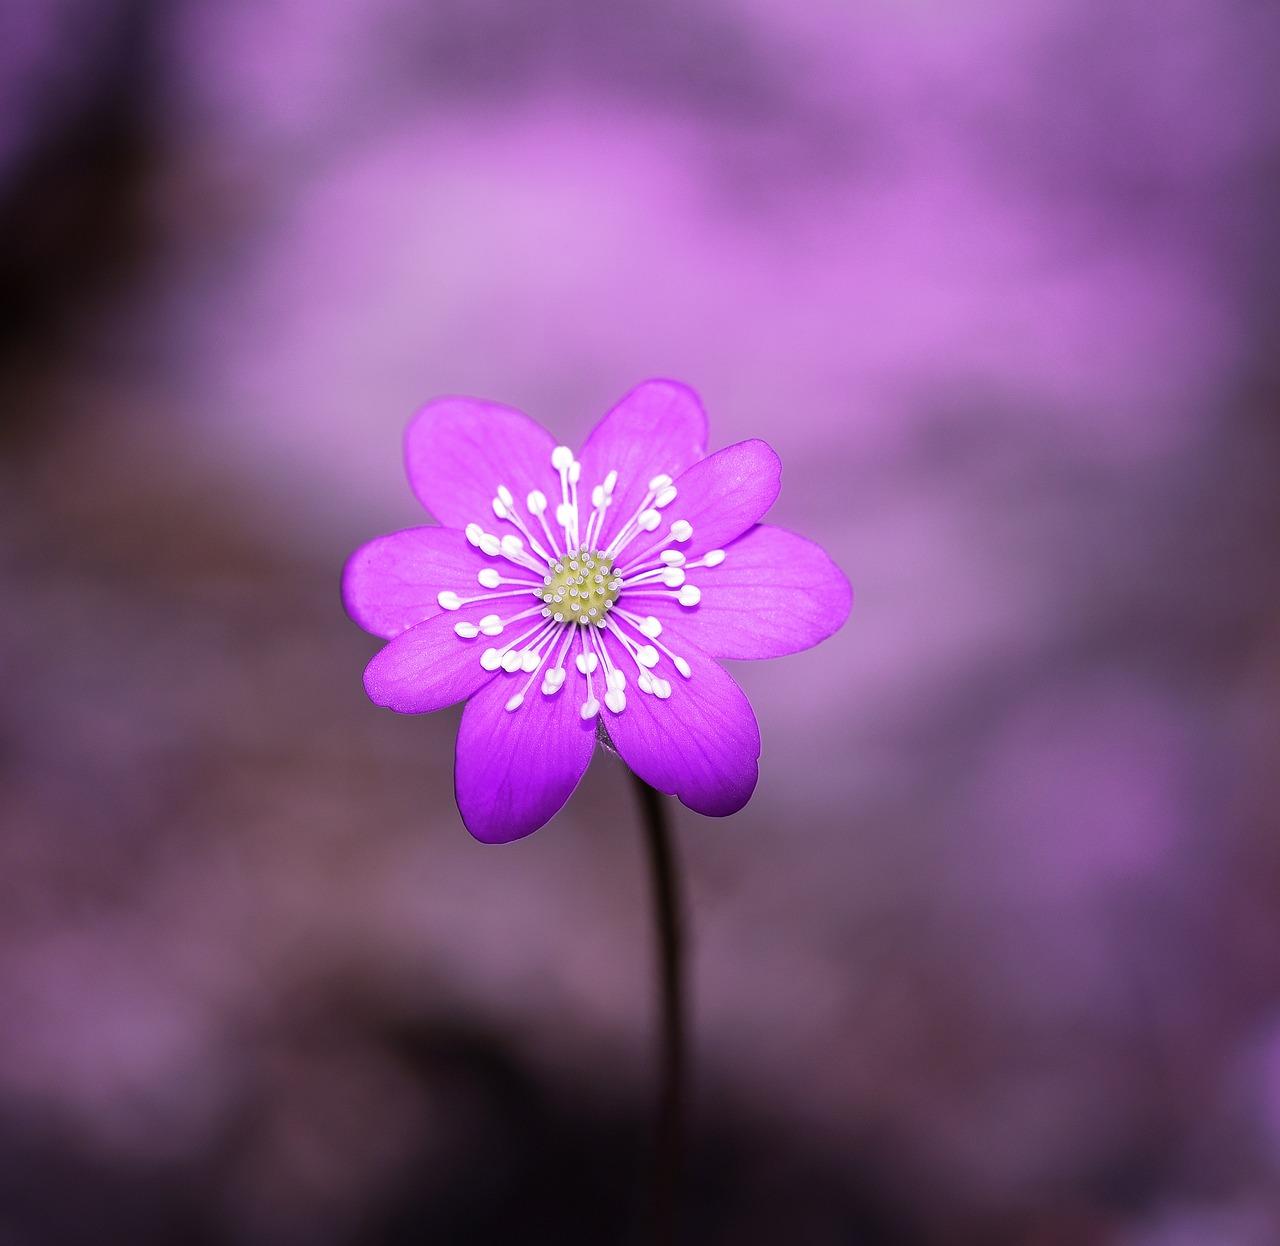 微信头像花朵唯美高清